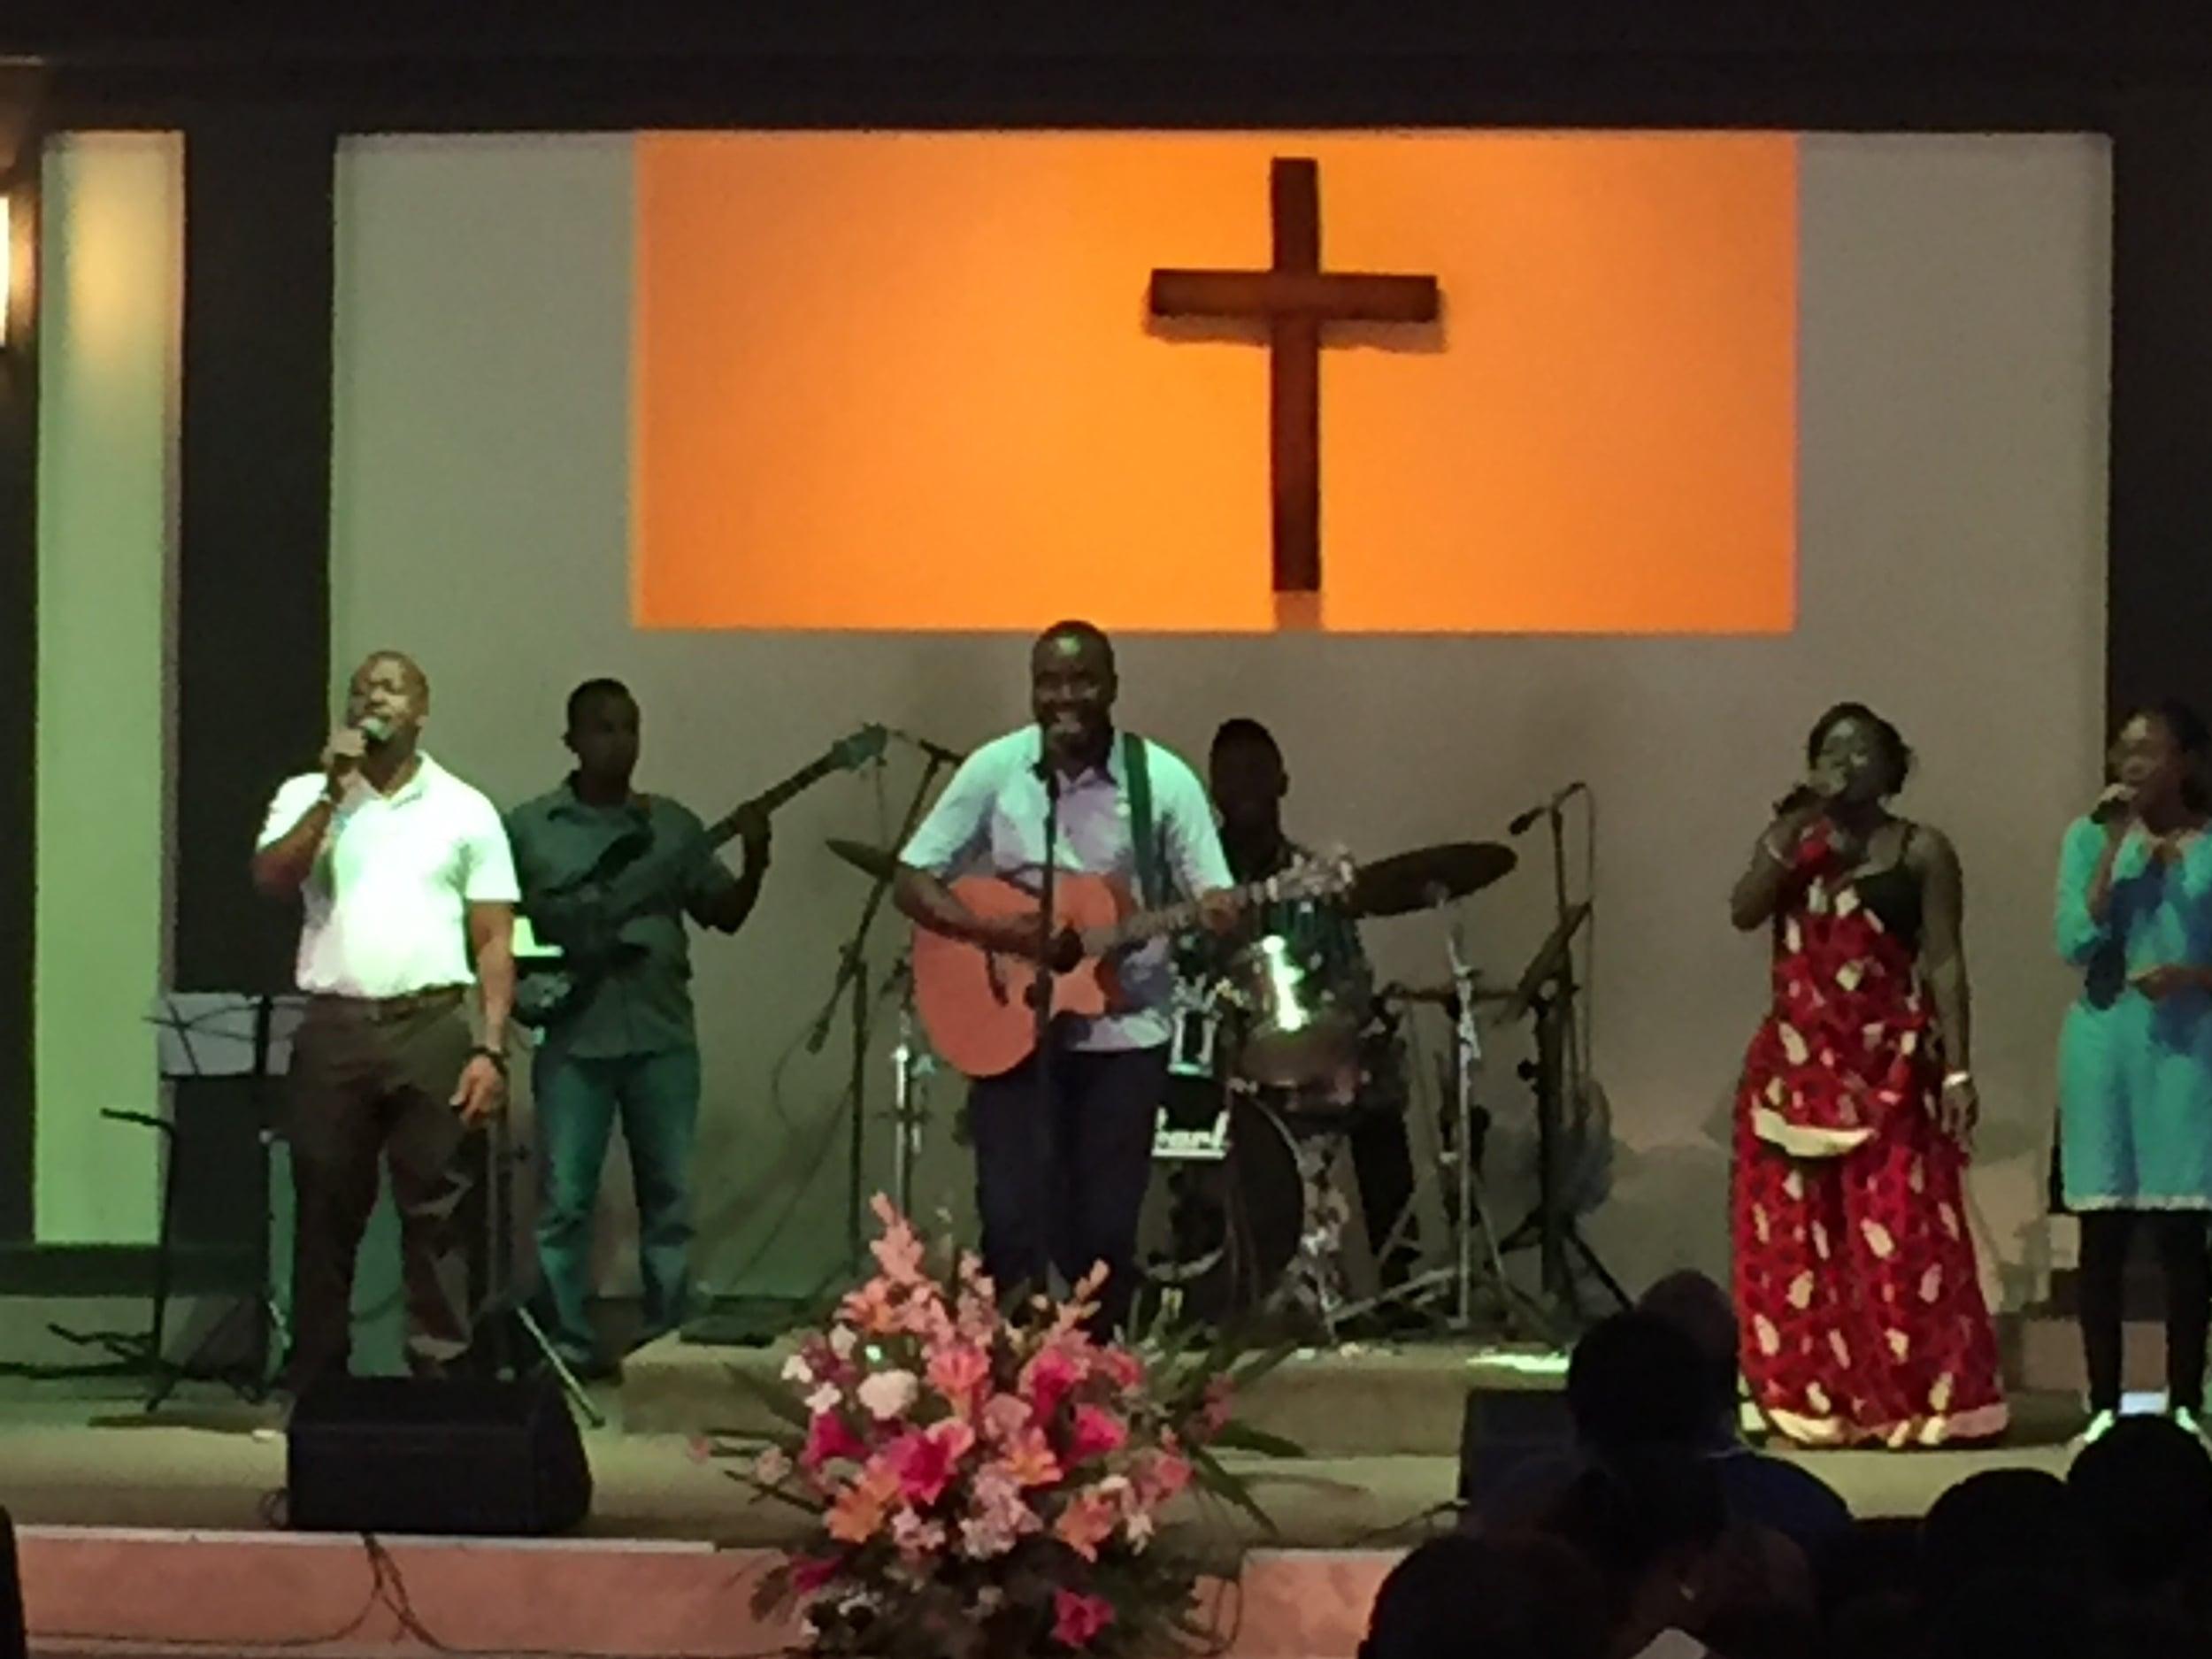 Pastor Robert leading worship